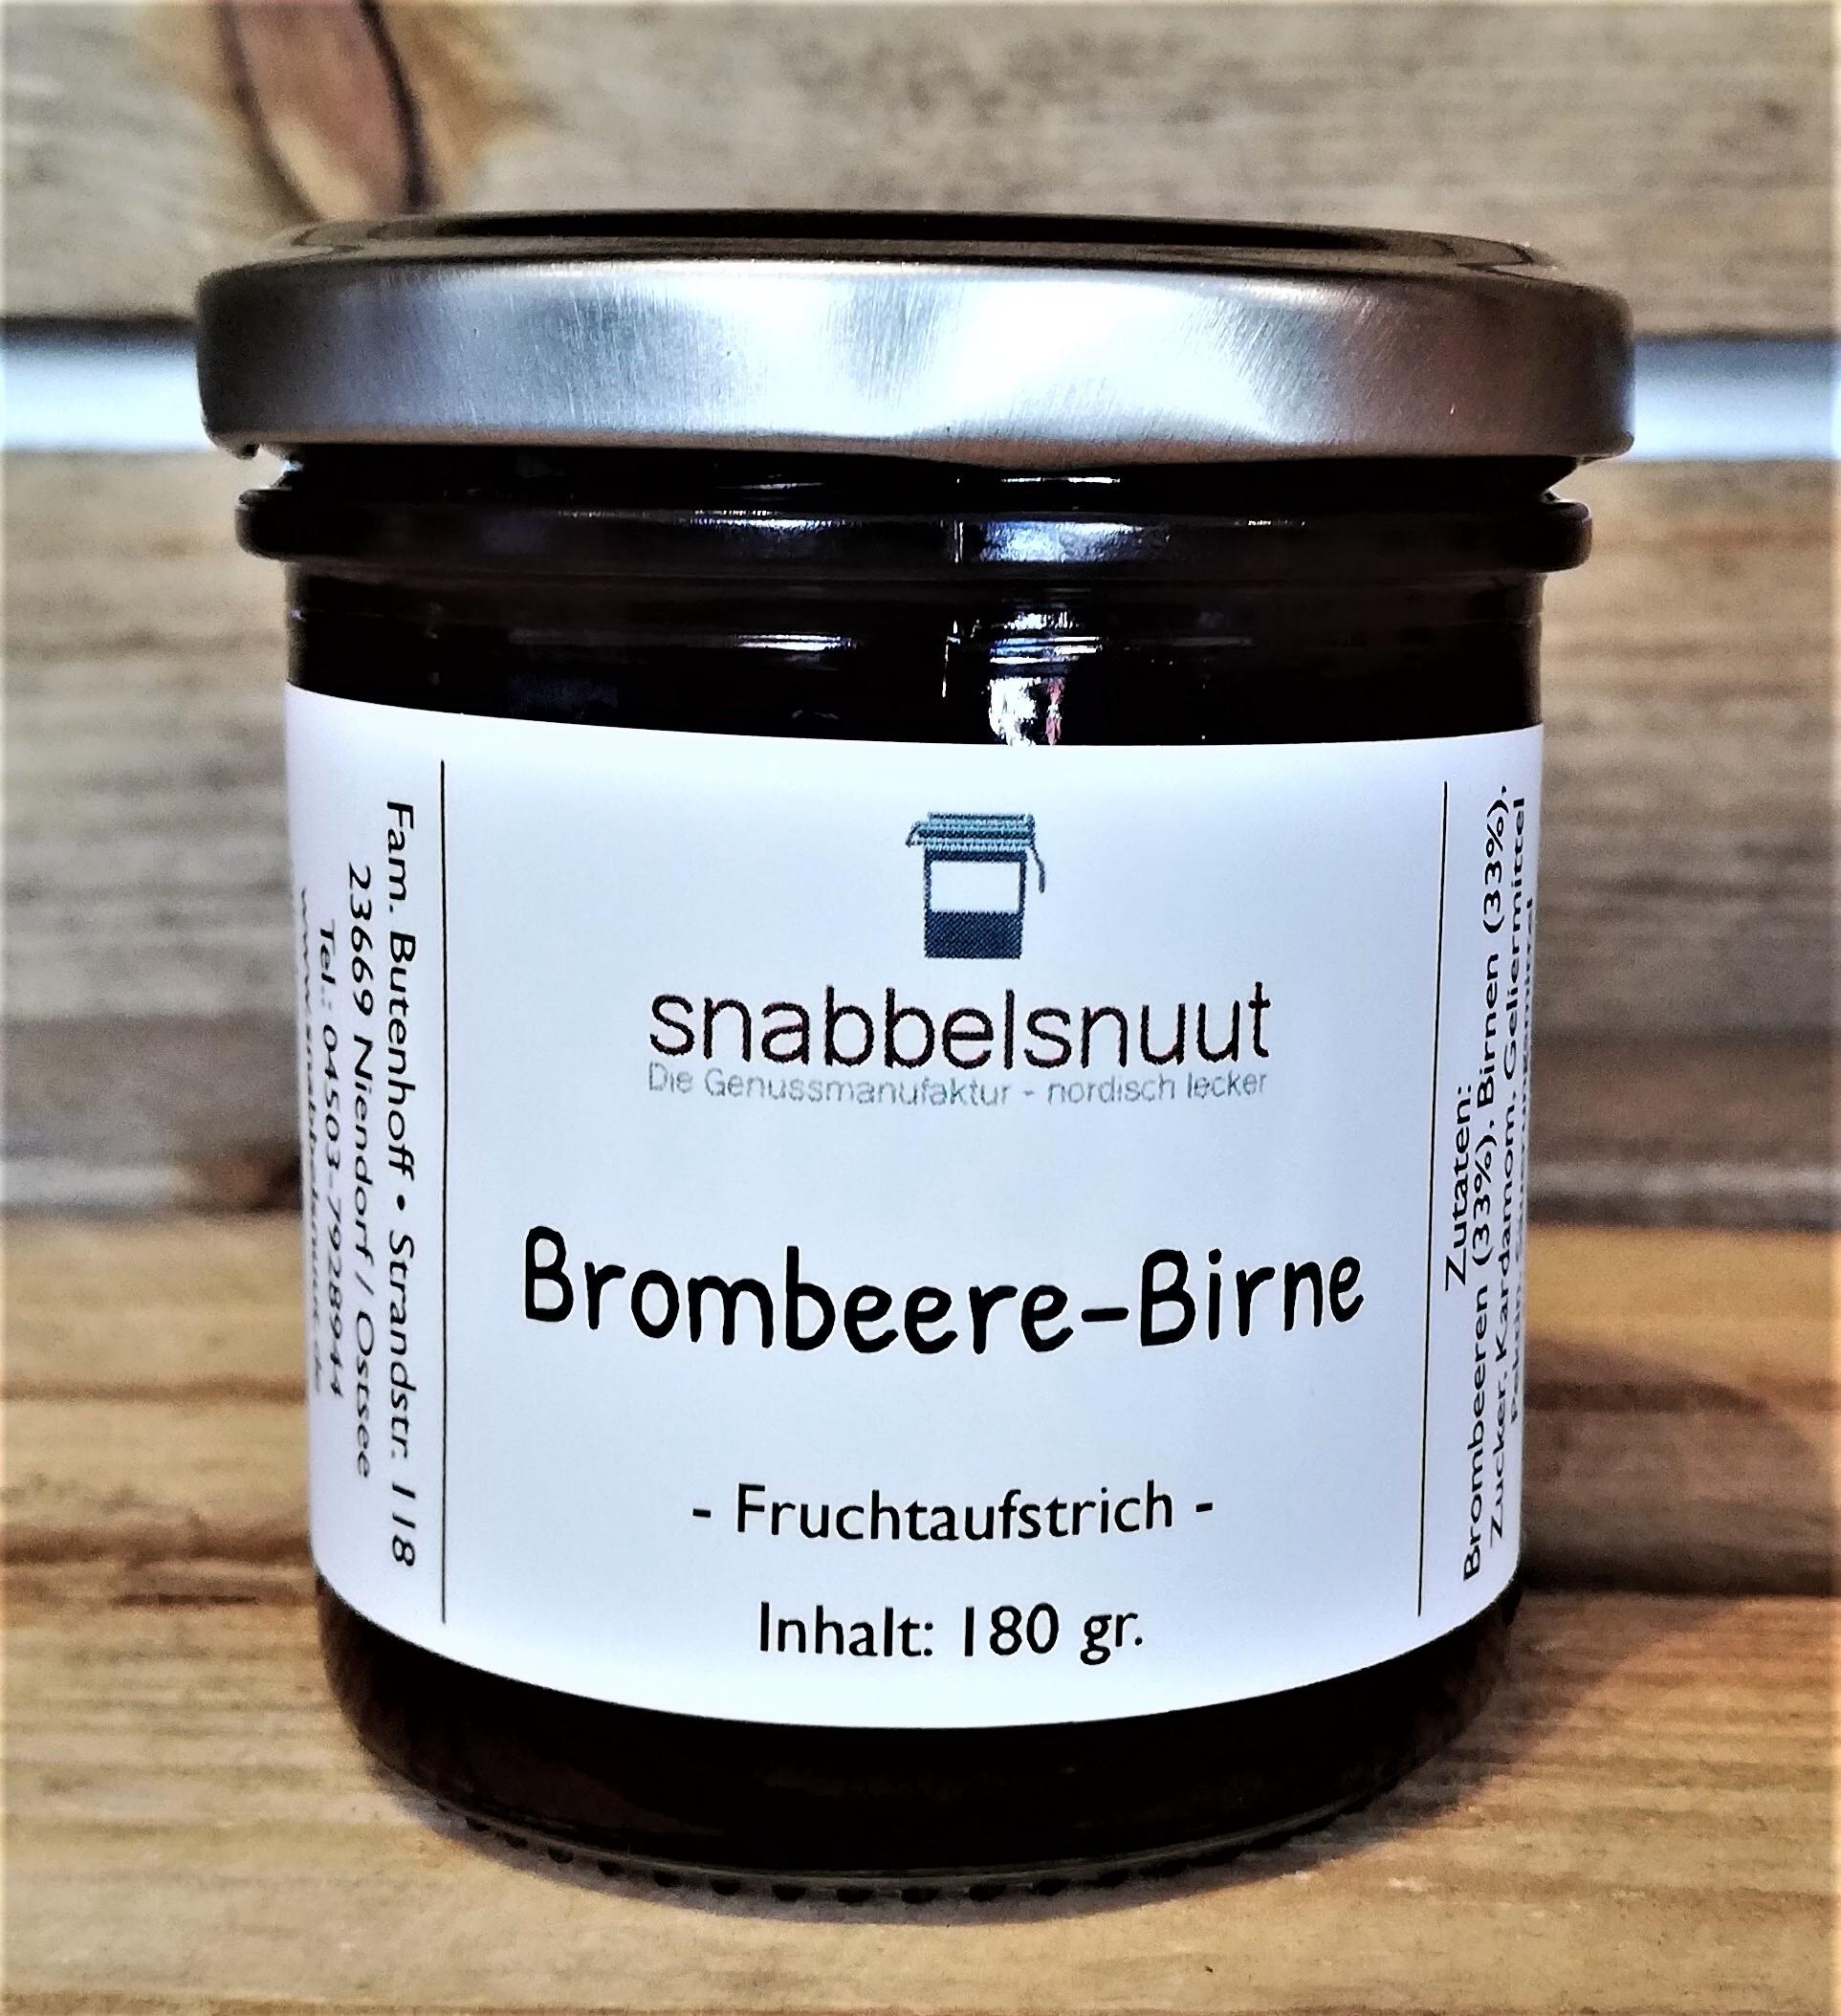 Brombeere-Birne